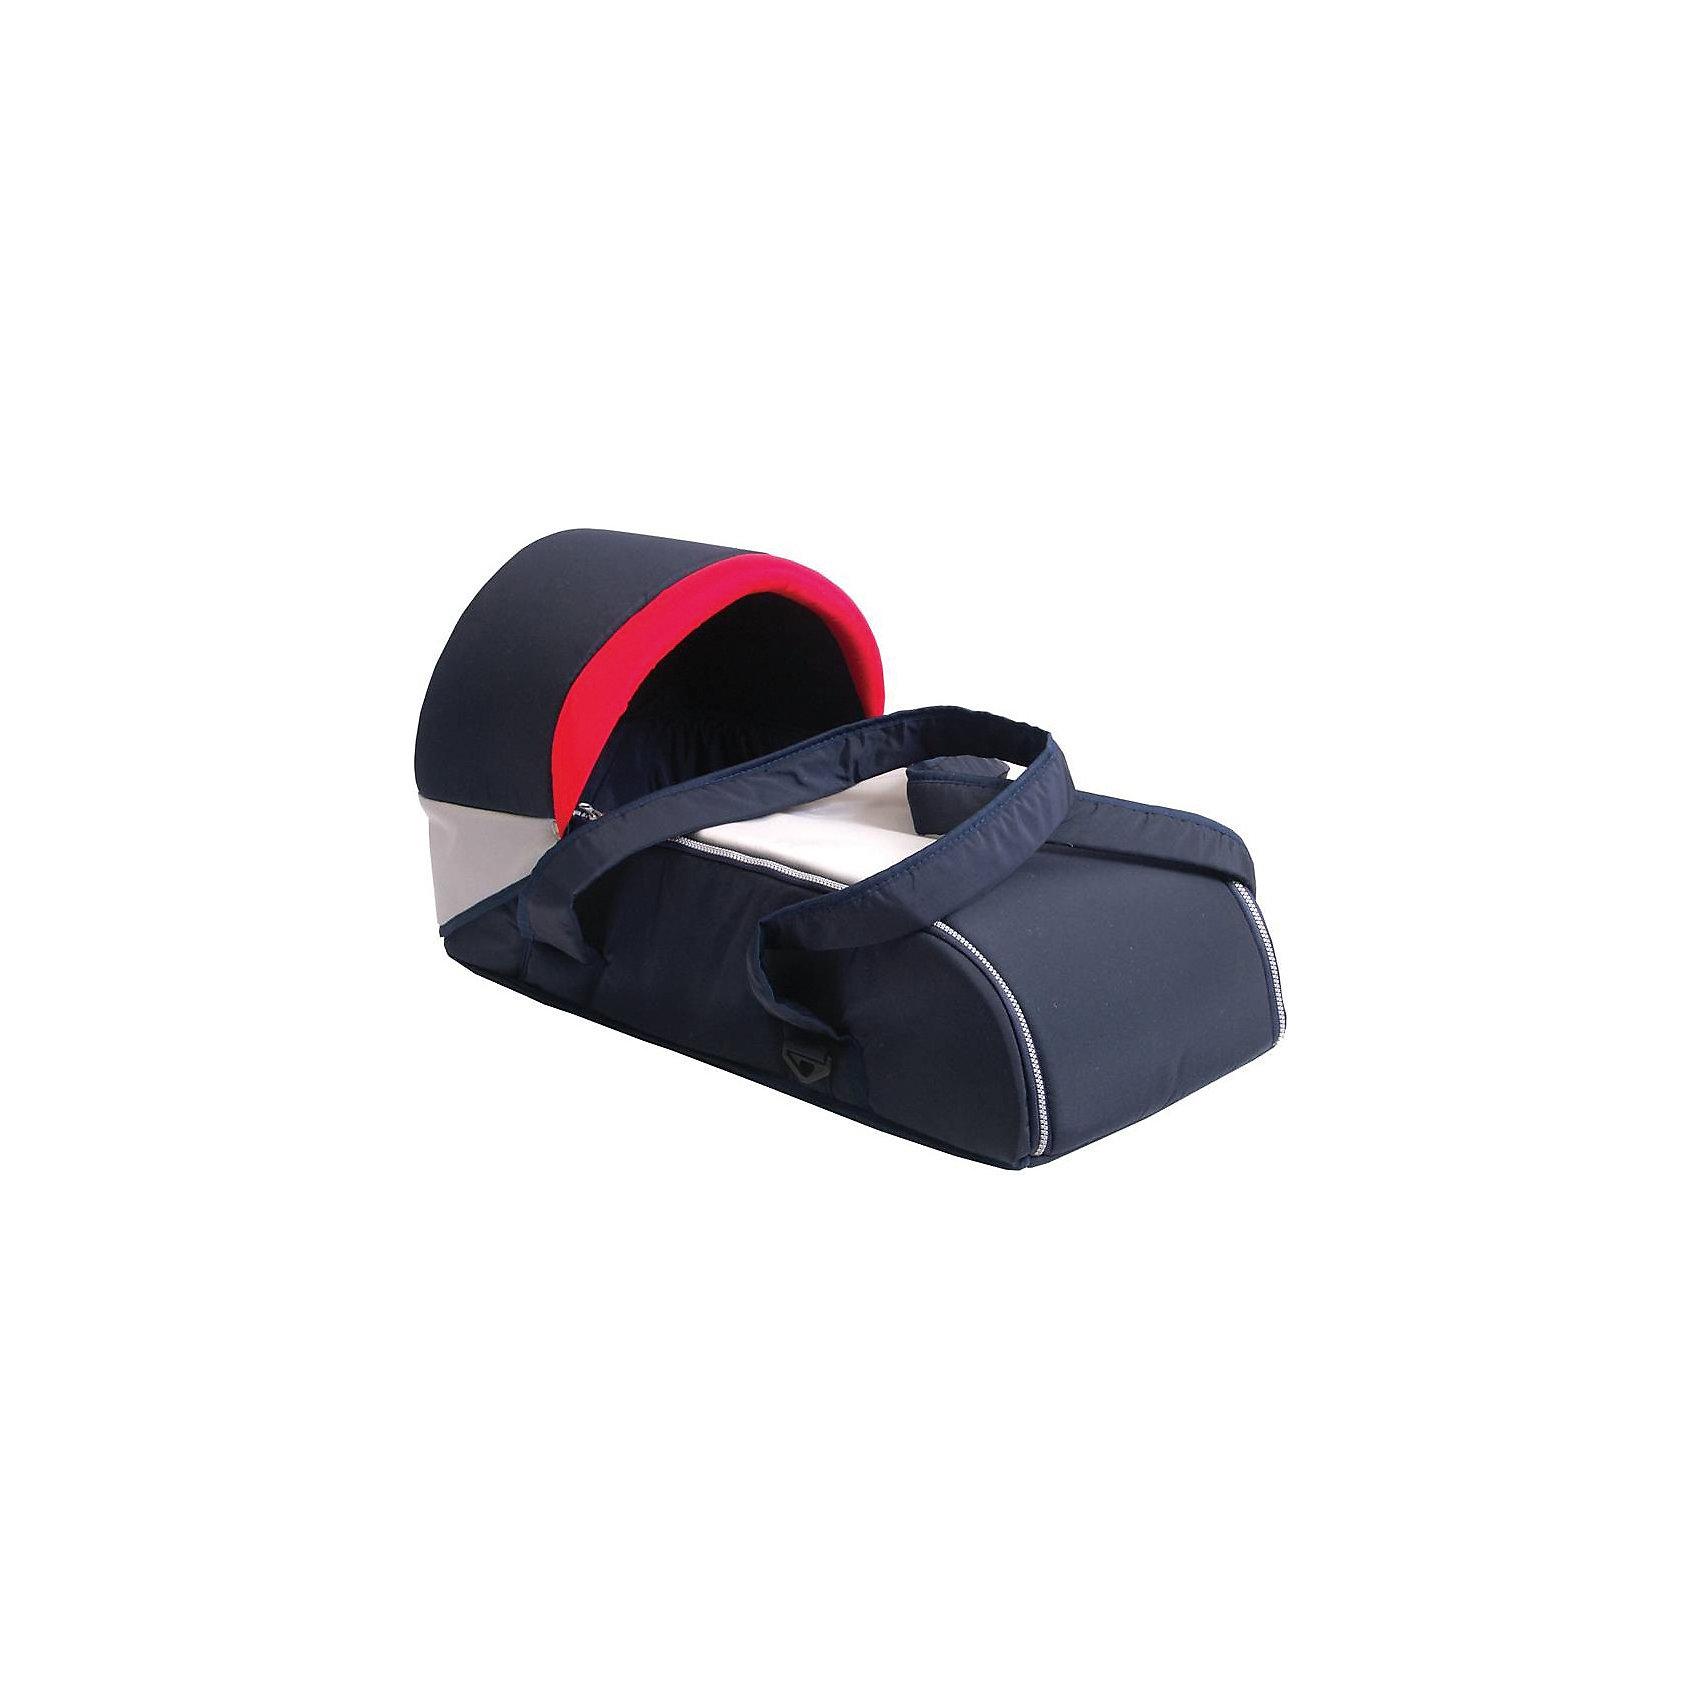 Переносная люлька КОКОН, GlobexУдобная люлька-переноска для коляски позволит переносить ребенка, не беспокоясь при этом о его безопасности. Боковины и изголовье изделия укреплены, поэтому малыш будет защищен от внешних вмешательств. Днище переноски - жесткое, это обеспечивает правильное развитие позвоночника. Высокие бортики защитят малыша от непогоды. <br>Люлька оснащена ручками и плечевым ремнем для переноски, капор отстегивается. Чехол легко чистится! Конструкция  - очень удобная и прочная. Изделие произведено из качественных и безопасных для малышей материалов, оно соответствуют всем современным требованиям безопасности.<br> <br>Дополнительная информация:<br><br>размер: 67 х 30 х 30 см;<br>материал: текстиль;<br>боковины и изголовье укреплены;<br>твердое днище;<br>высокие бортики;<br>вес: 1,3 кг.<br><br>Переносную люльку КОКОН от компании Globex можно купить в нашем магазине.<br><br>Ширина мм: 670<br>Глубина мм: 300<br>Высота мм: 300<br>Вес г: 650<br>Возраст от месяцев: 0<br>Возраст до месяцев: 6<br>Пол: Унисекс<br>Возраст: Детский<br>SKU: 4720117